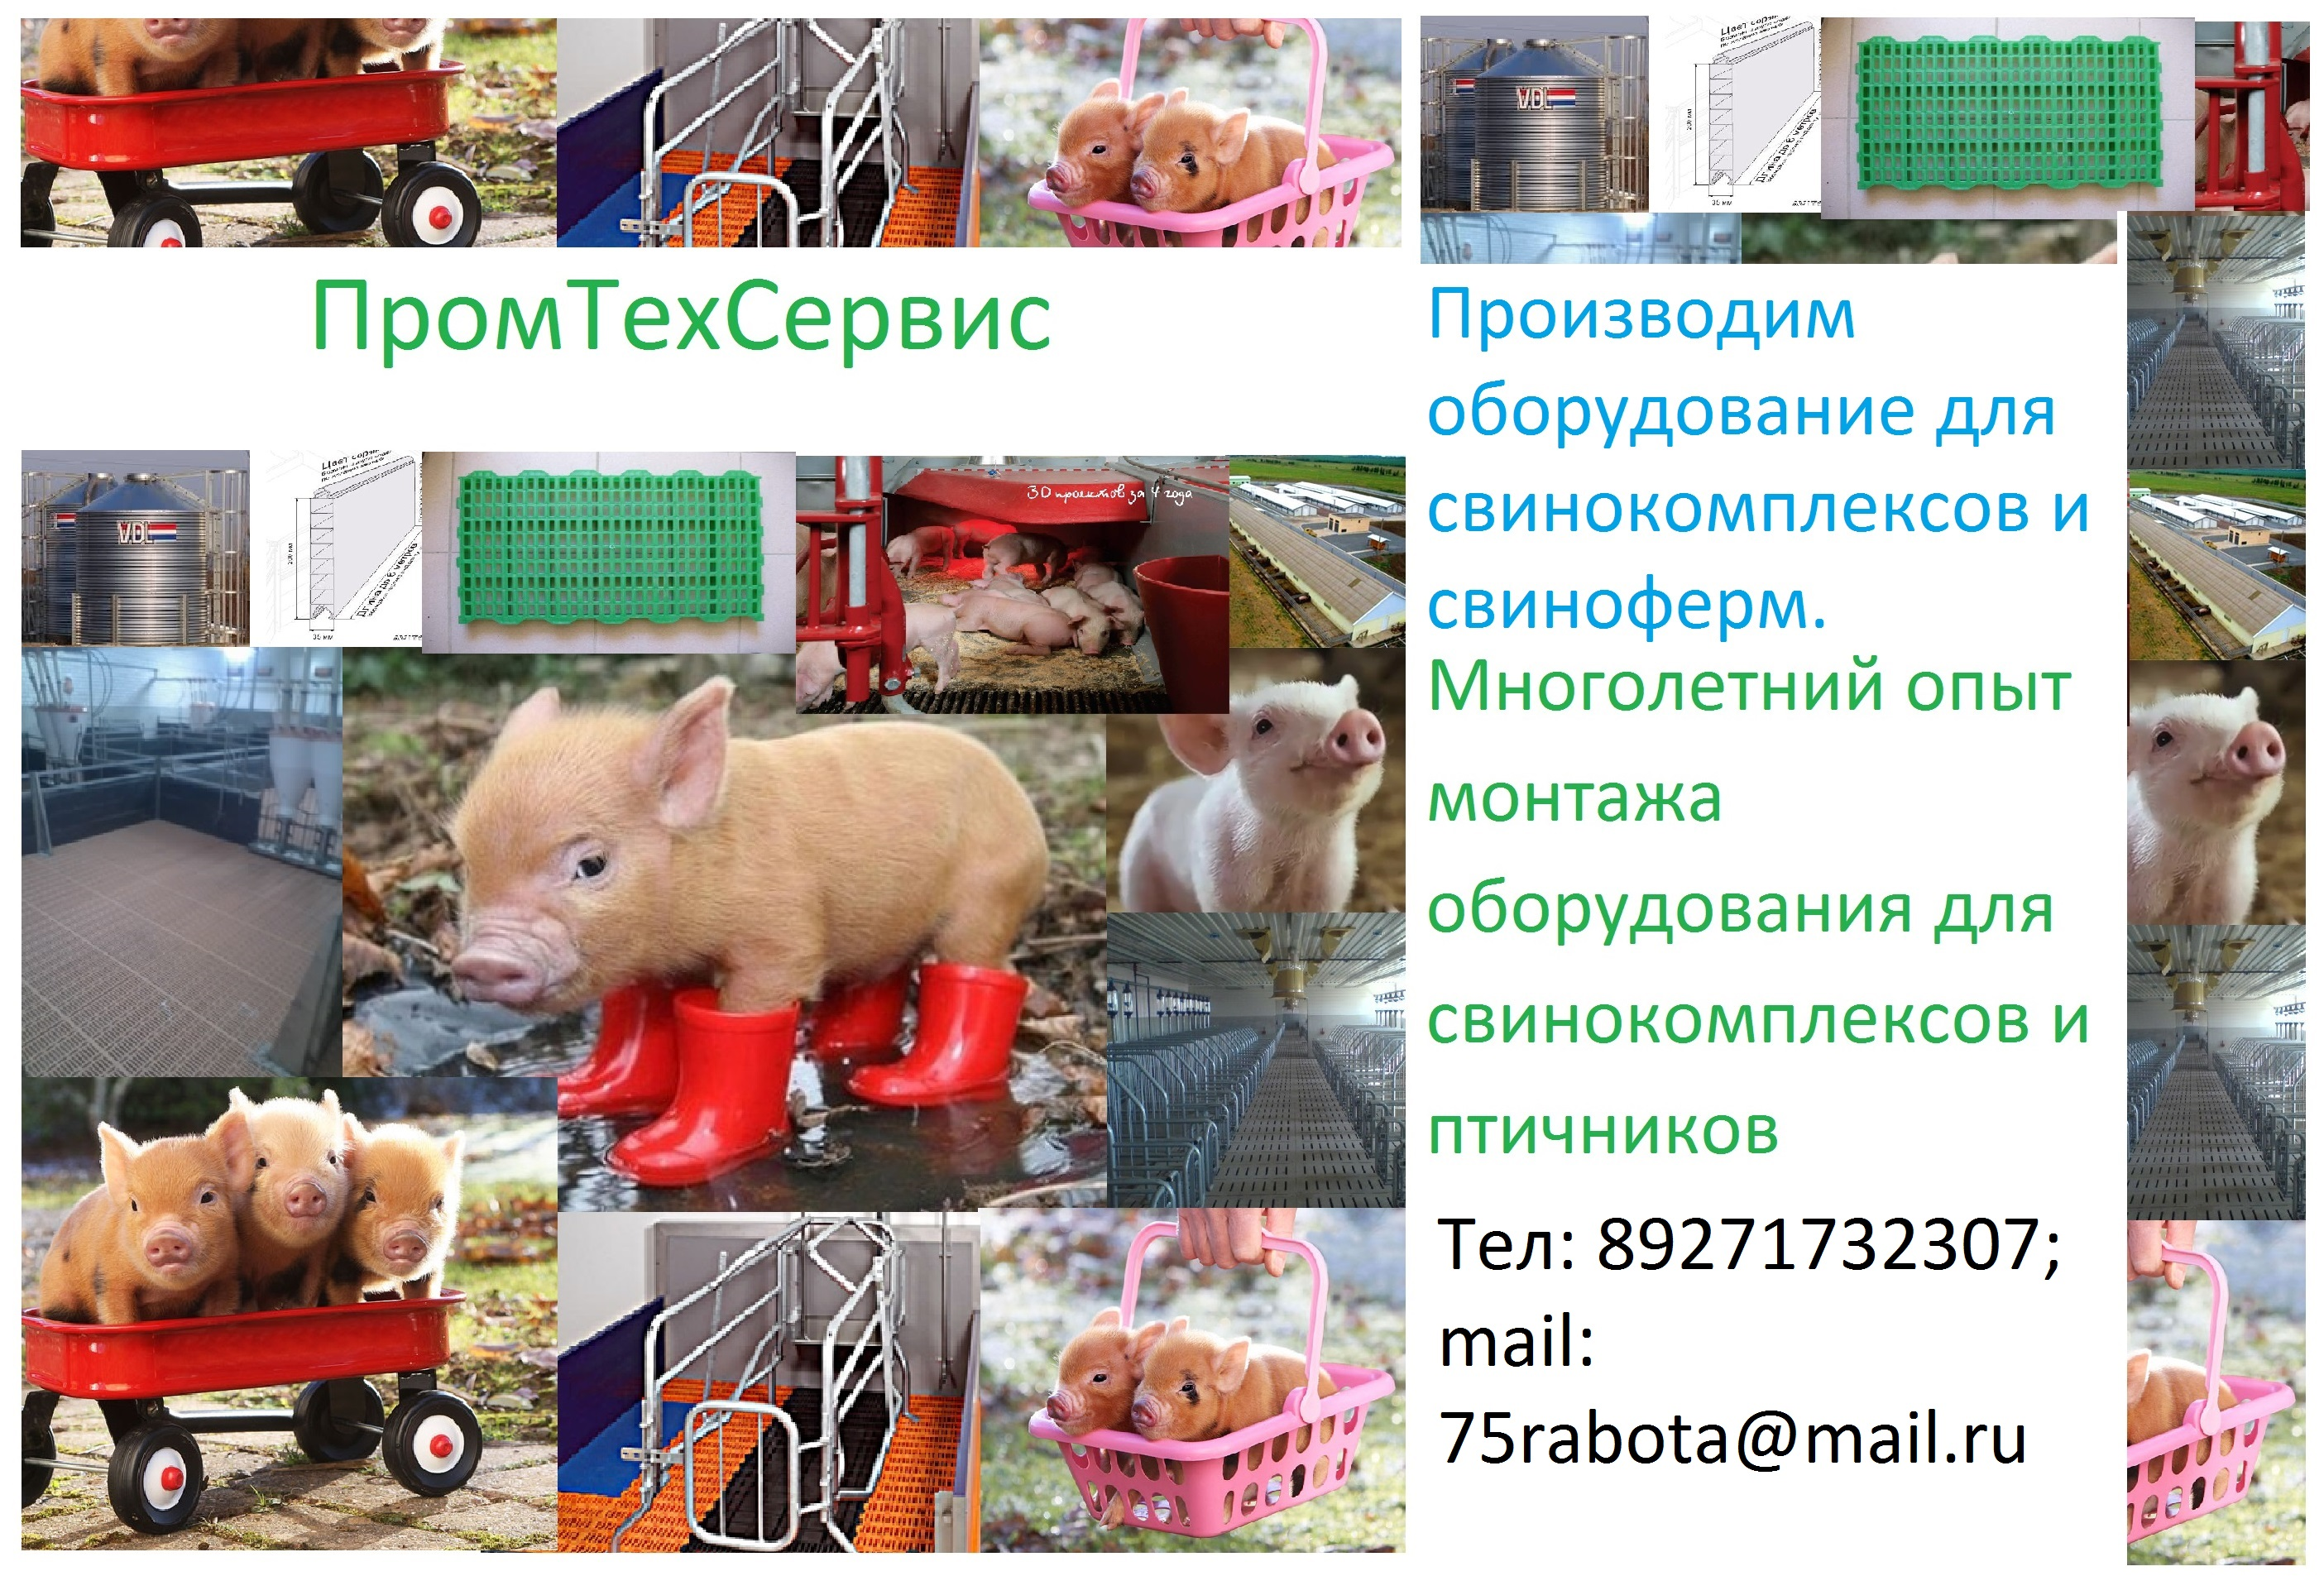 Оборудование для свинокомплексов и свиноферм